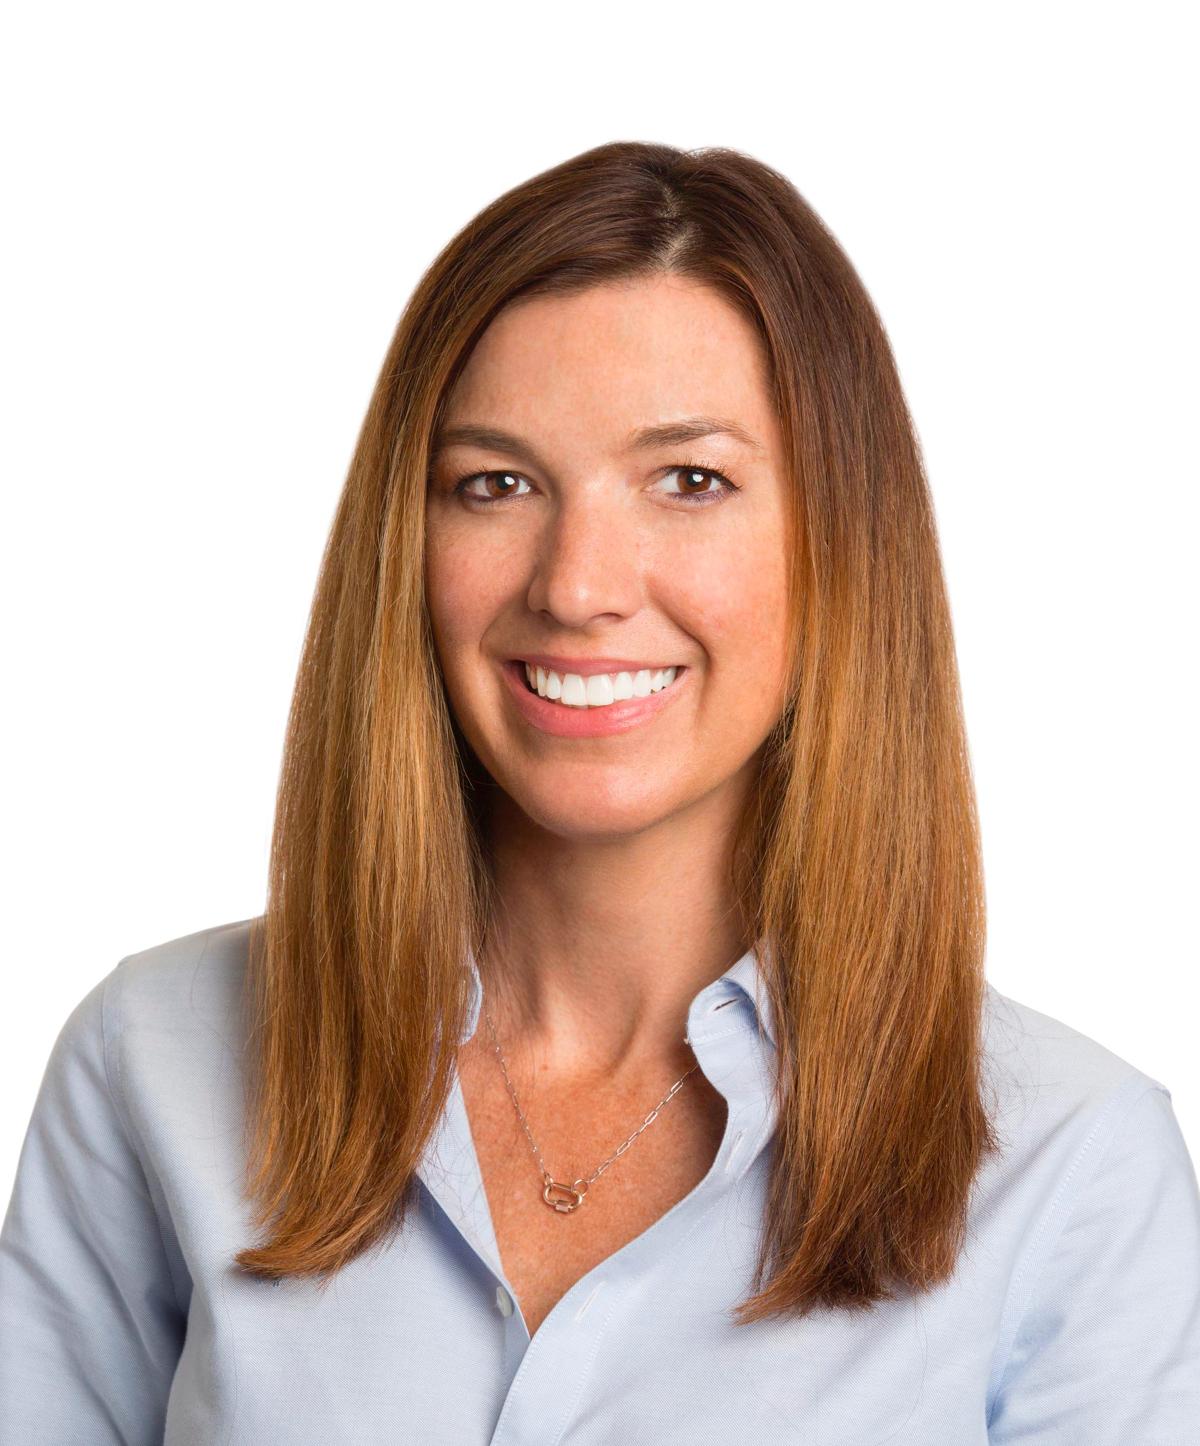 Ashley Norris, Ph.D.